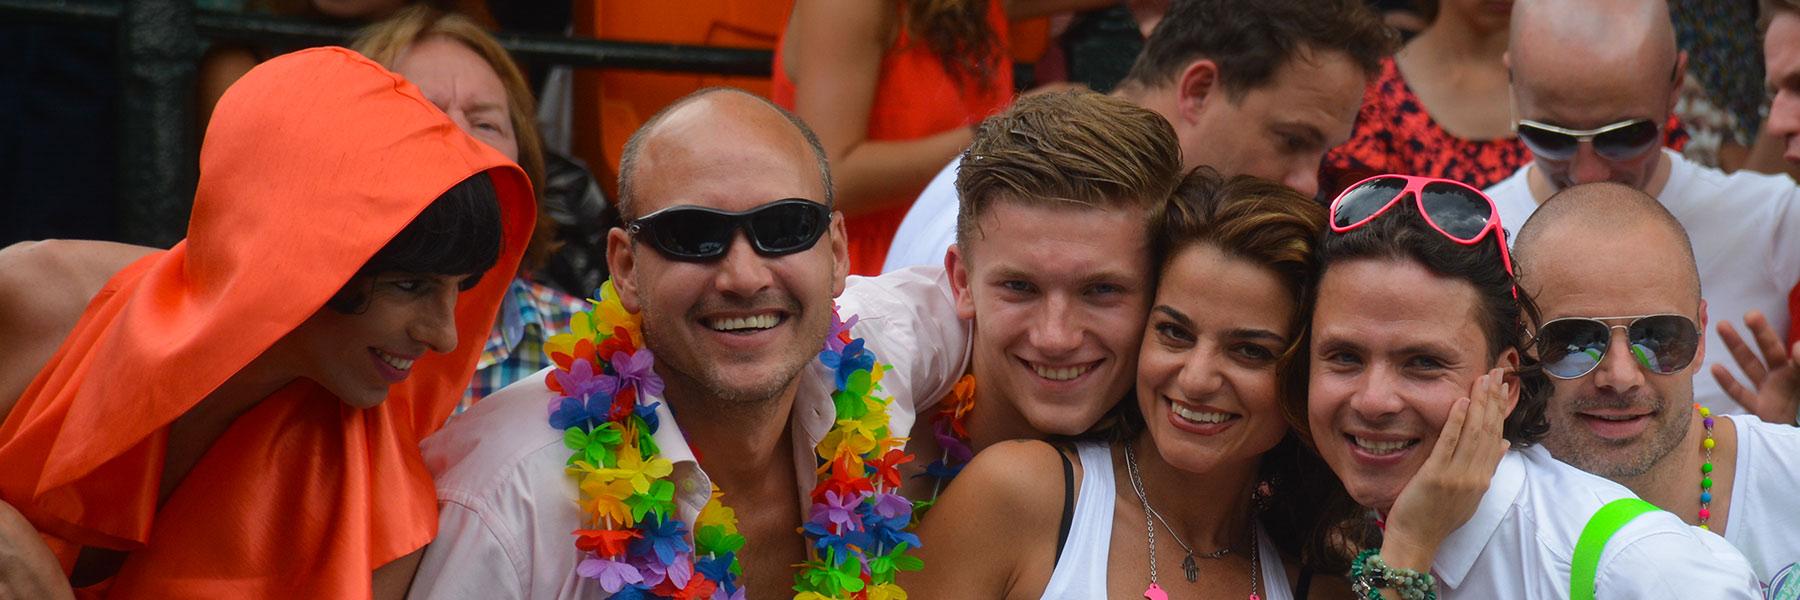 Zeilen-en-feesten-in-Amsterdam